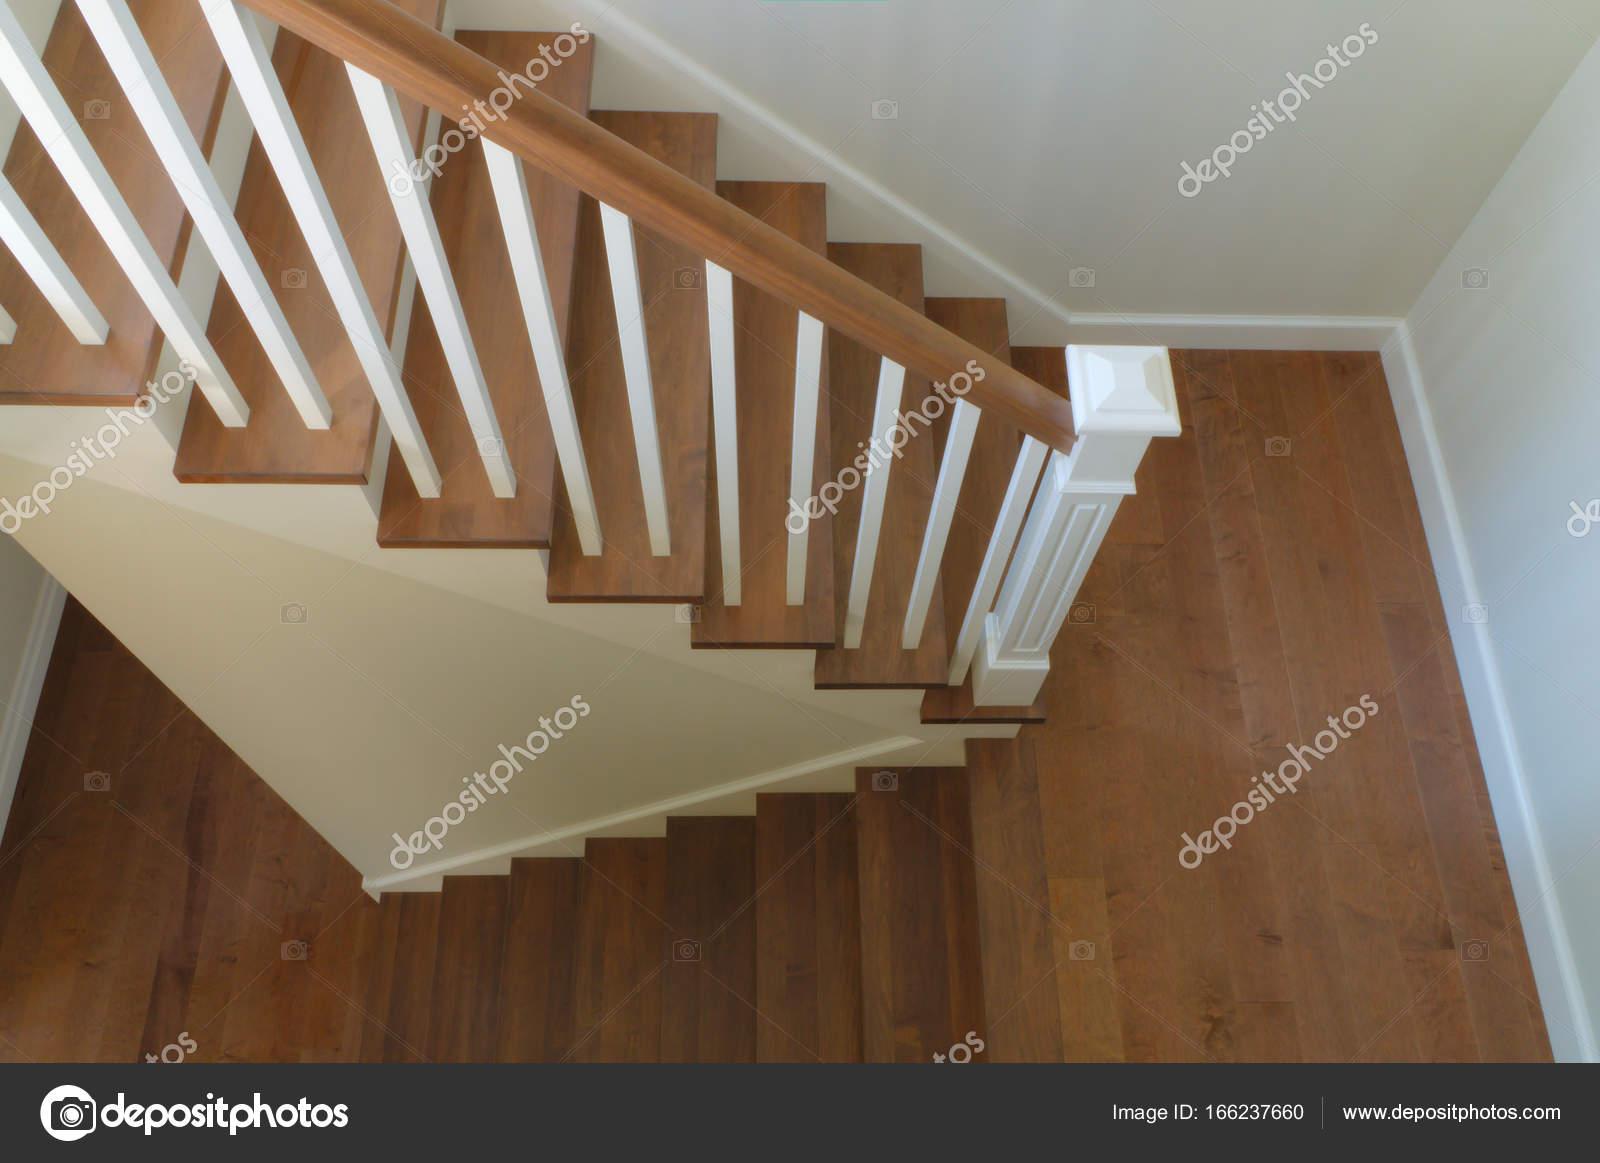 medidas madera de blanco escalera interior de diseo clsico Foto